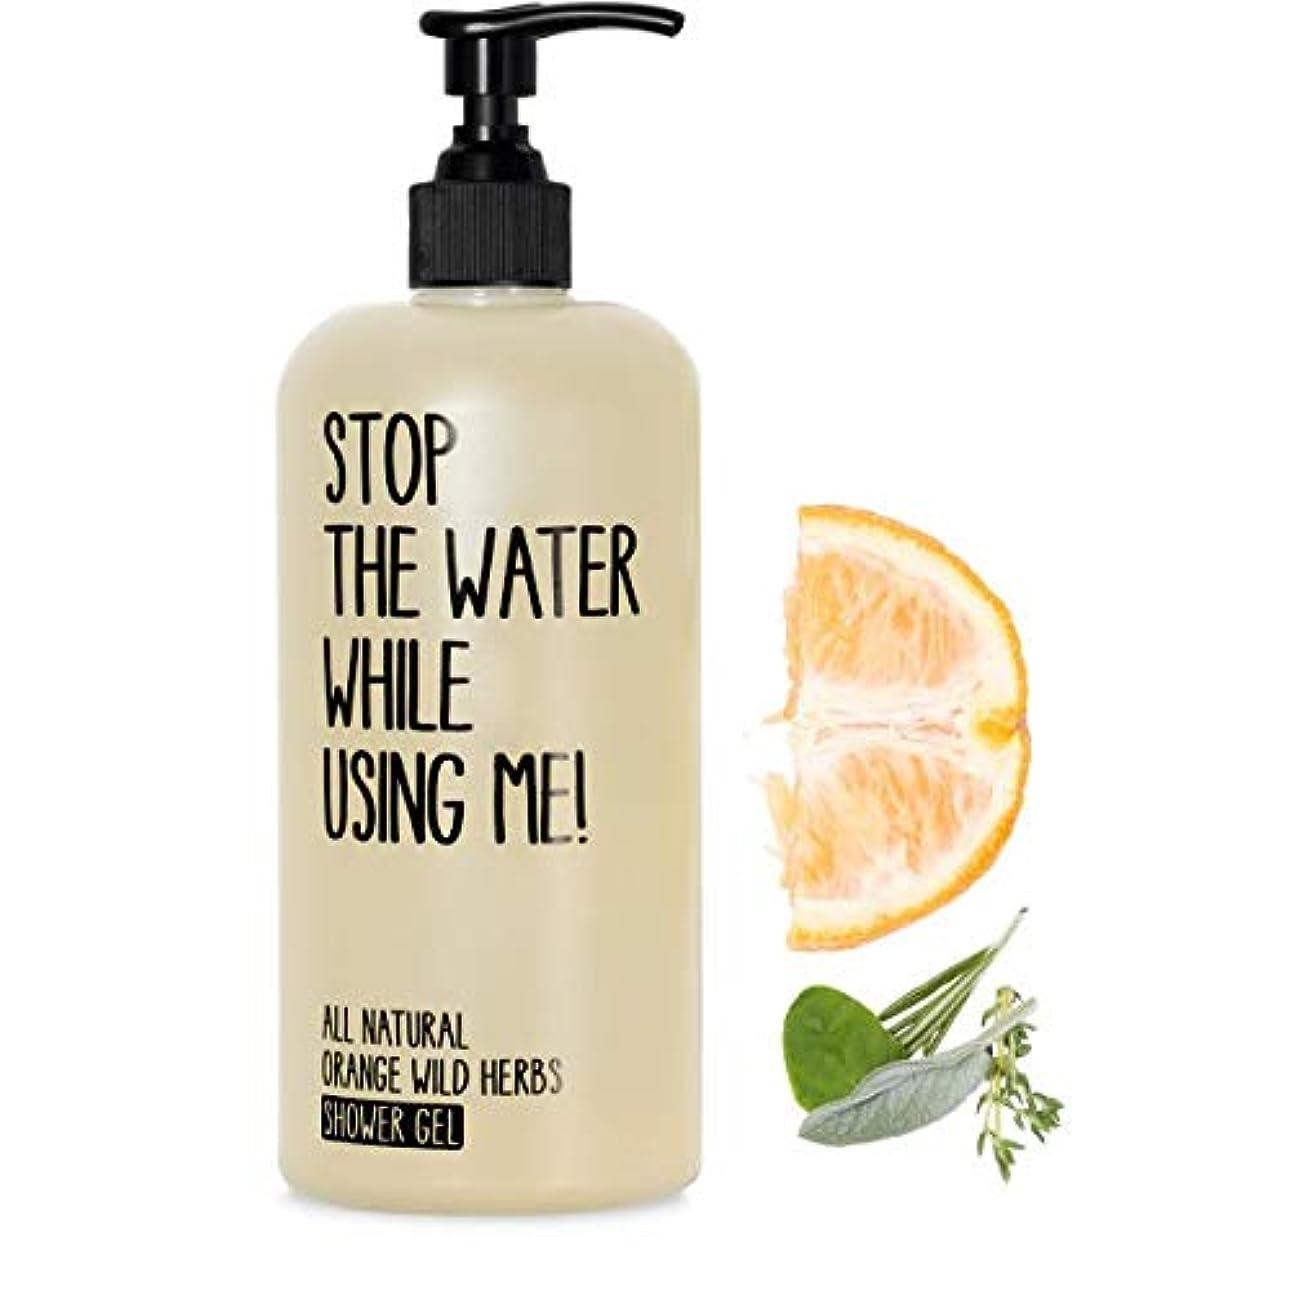 売上高道に迷いました融合【STOP THE WATER WHILE USING ME!】 O&WHシャワージェル(オレンジ&ワイルドハーブ) 200ml